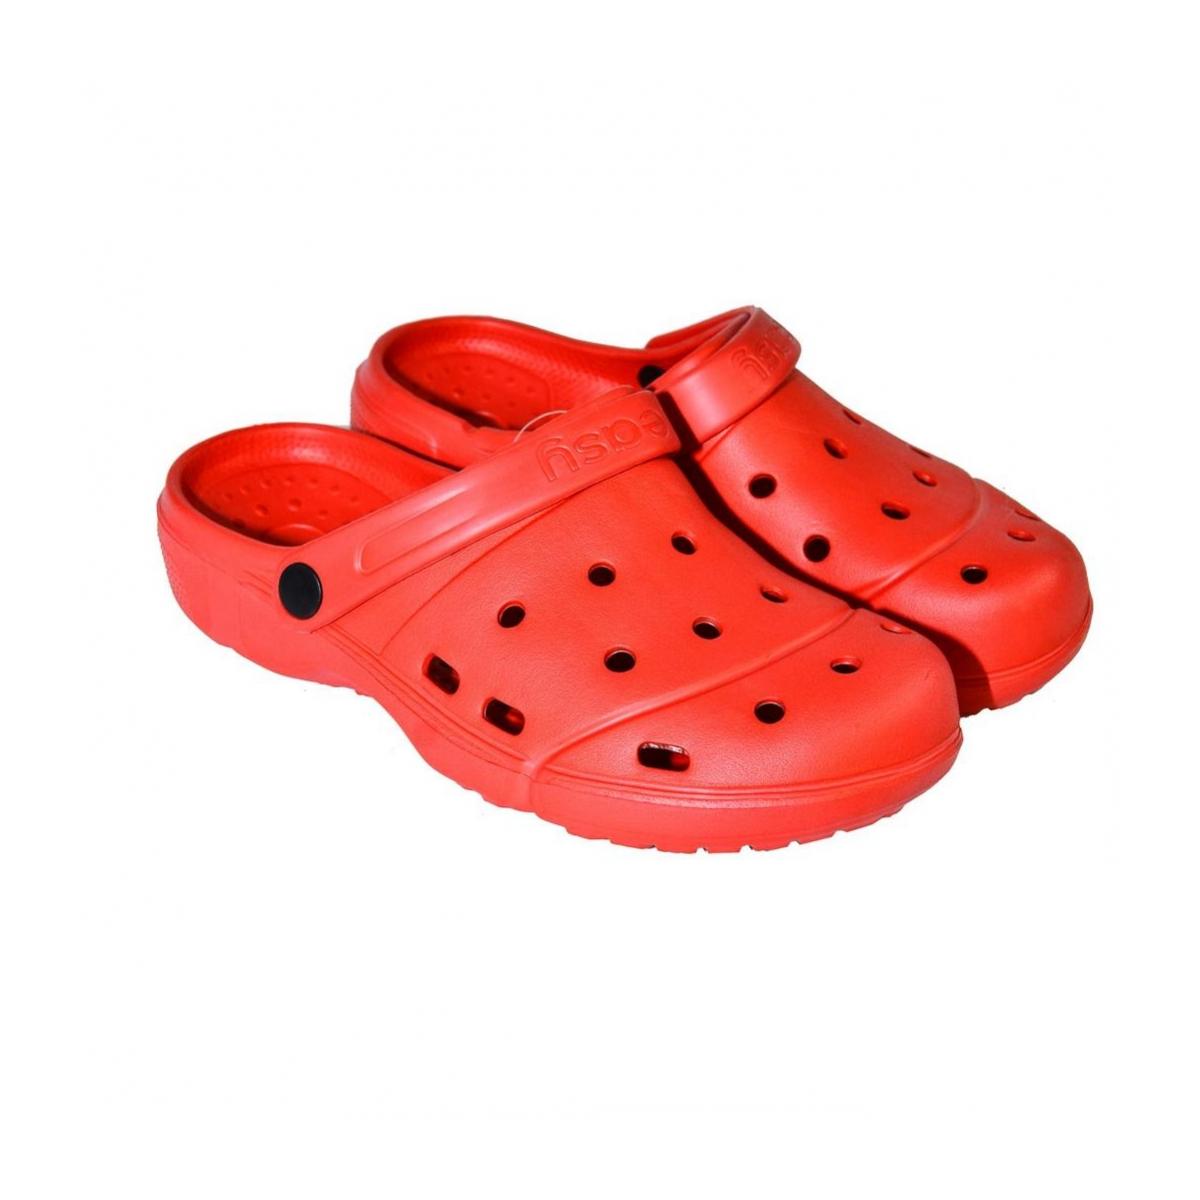 bc9987665ee75 Dámske letné červené šľapky CROCS | Johnc.sk